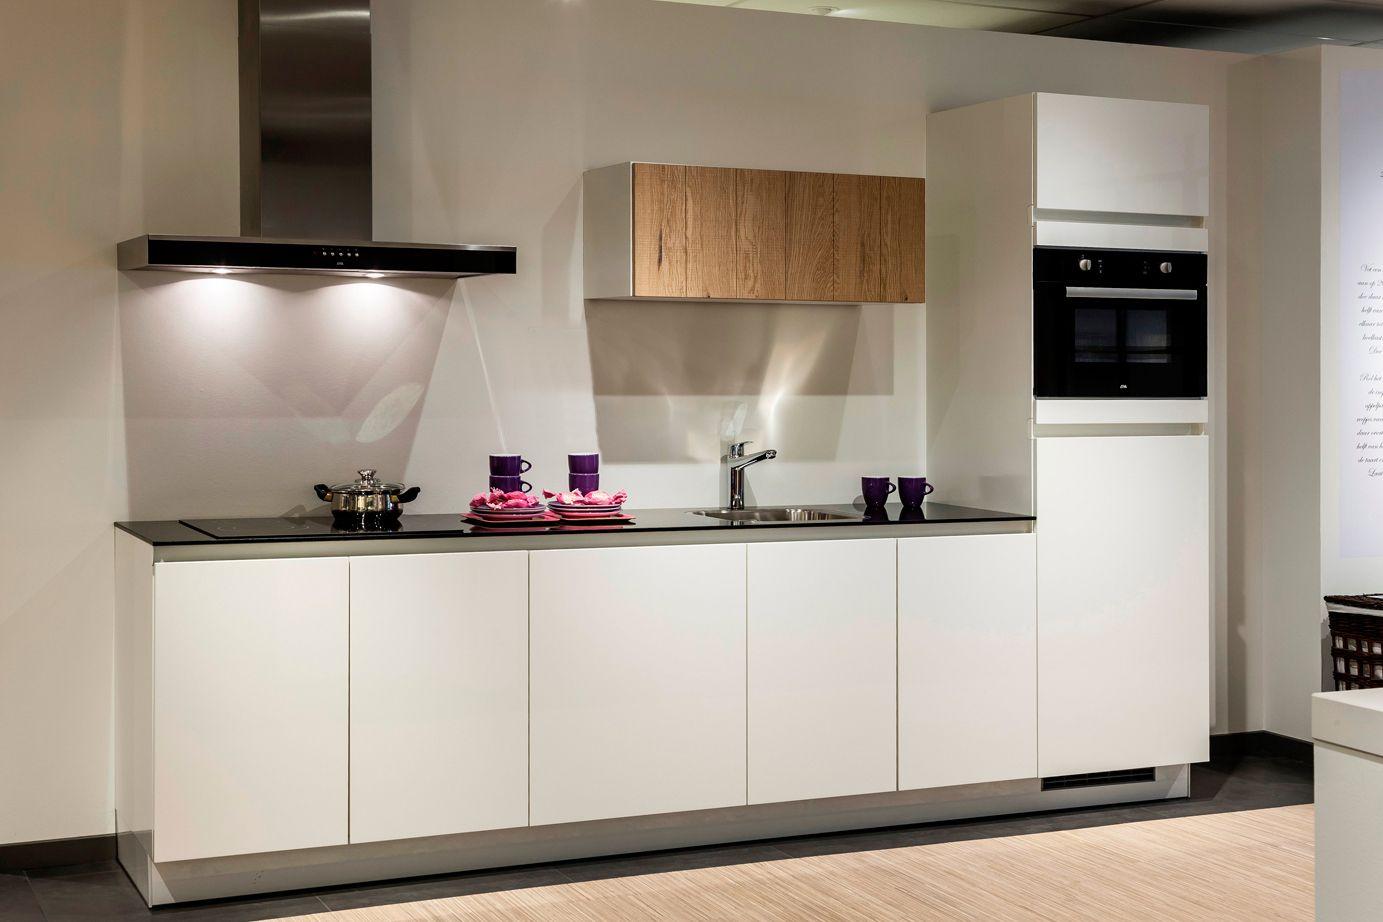 Moderne keuken greeploos en in rechte opstelling eens wat anders